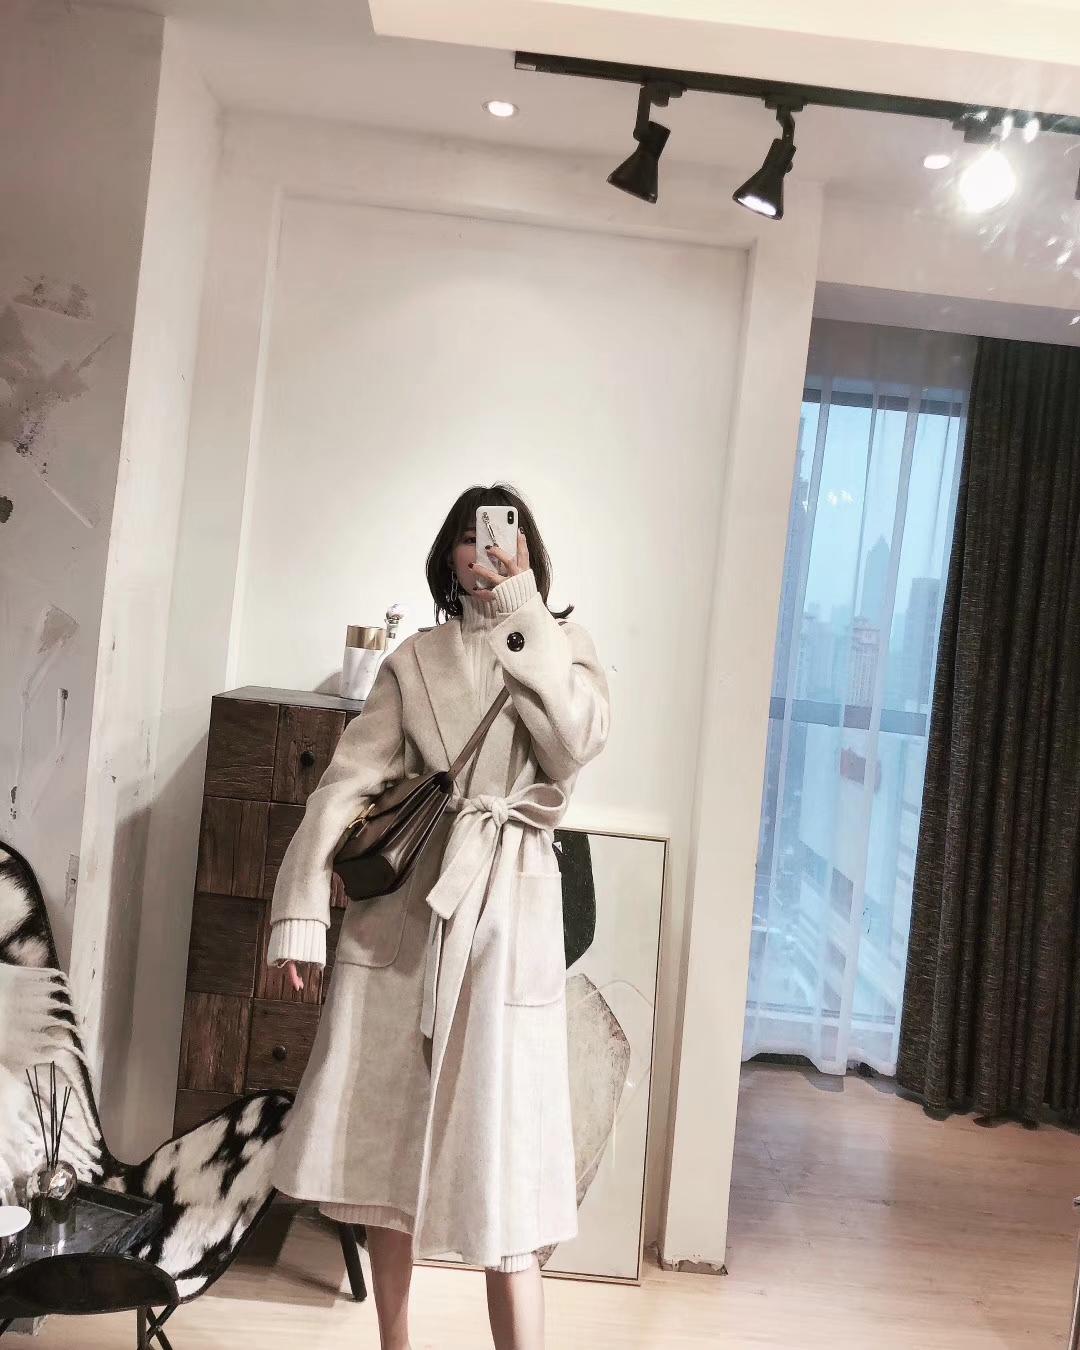 #这件大衣昨天被人夸好看#炒鸡喜欢的这款大衣   穿上身显气质到不行   搭配了同色系毛衣裙和白色羊绒围巾温柔的不止一点  可以搭配皮质高跟   和休闲毛毛拖鞋  百搭   Get💛